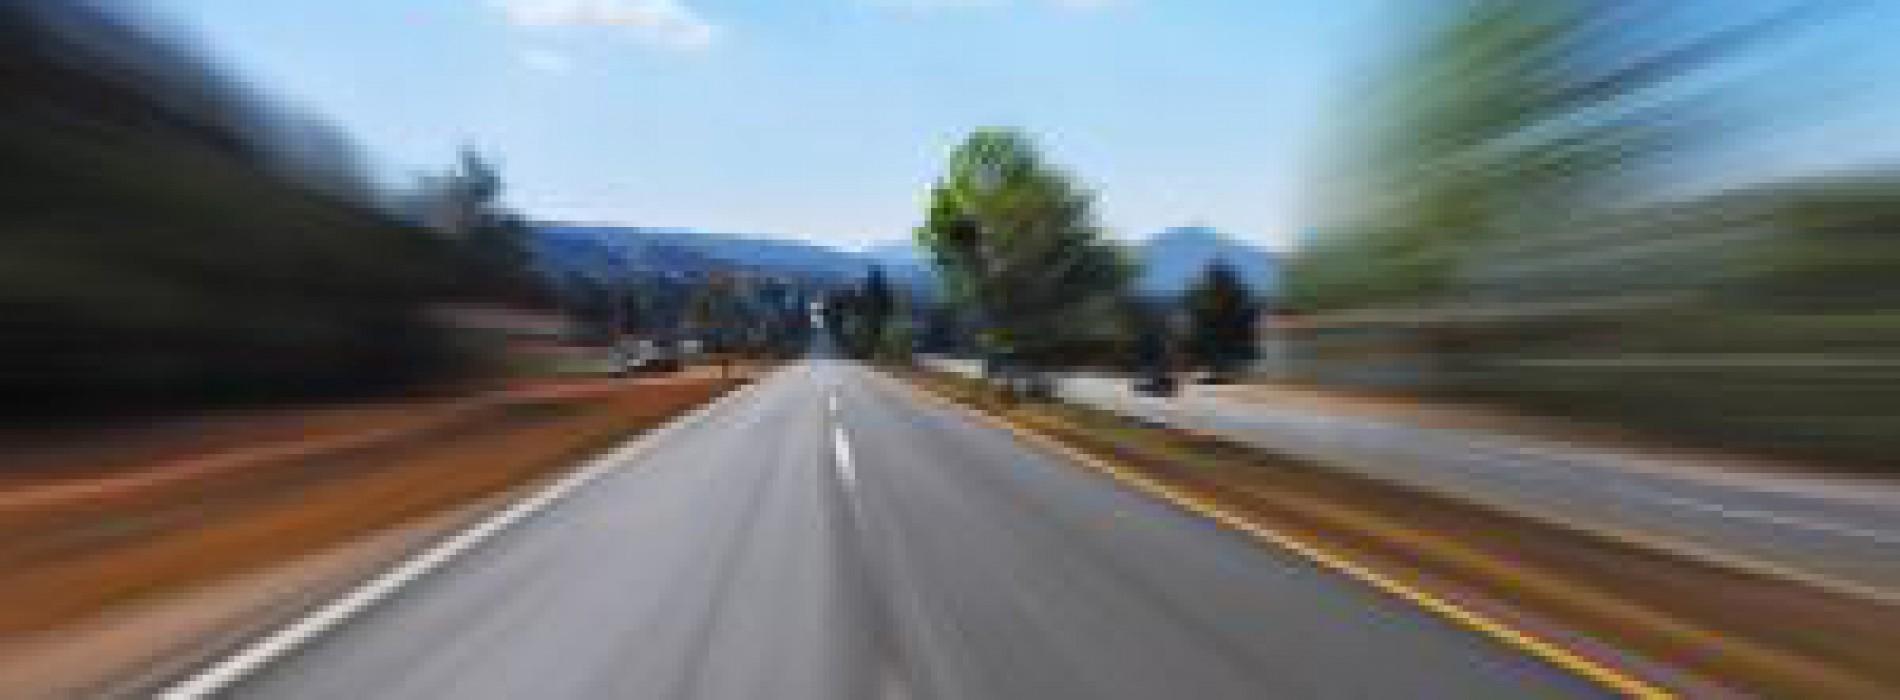 W 2017 powinna zakończyć się budowa 22 km odcinka drogi S7 z Nidzicy do Napierek